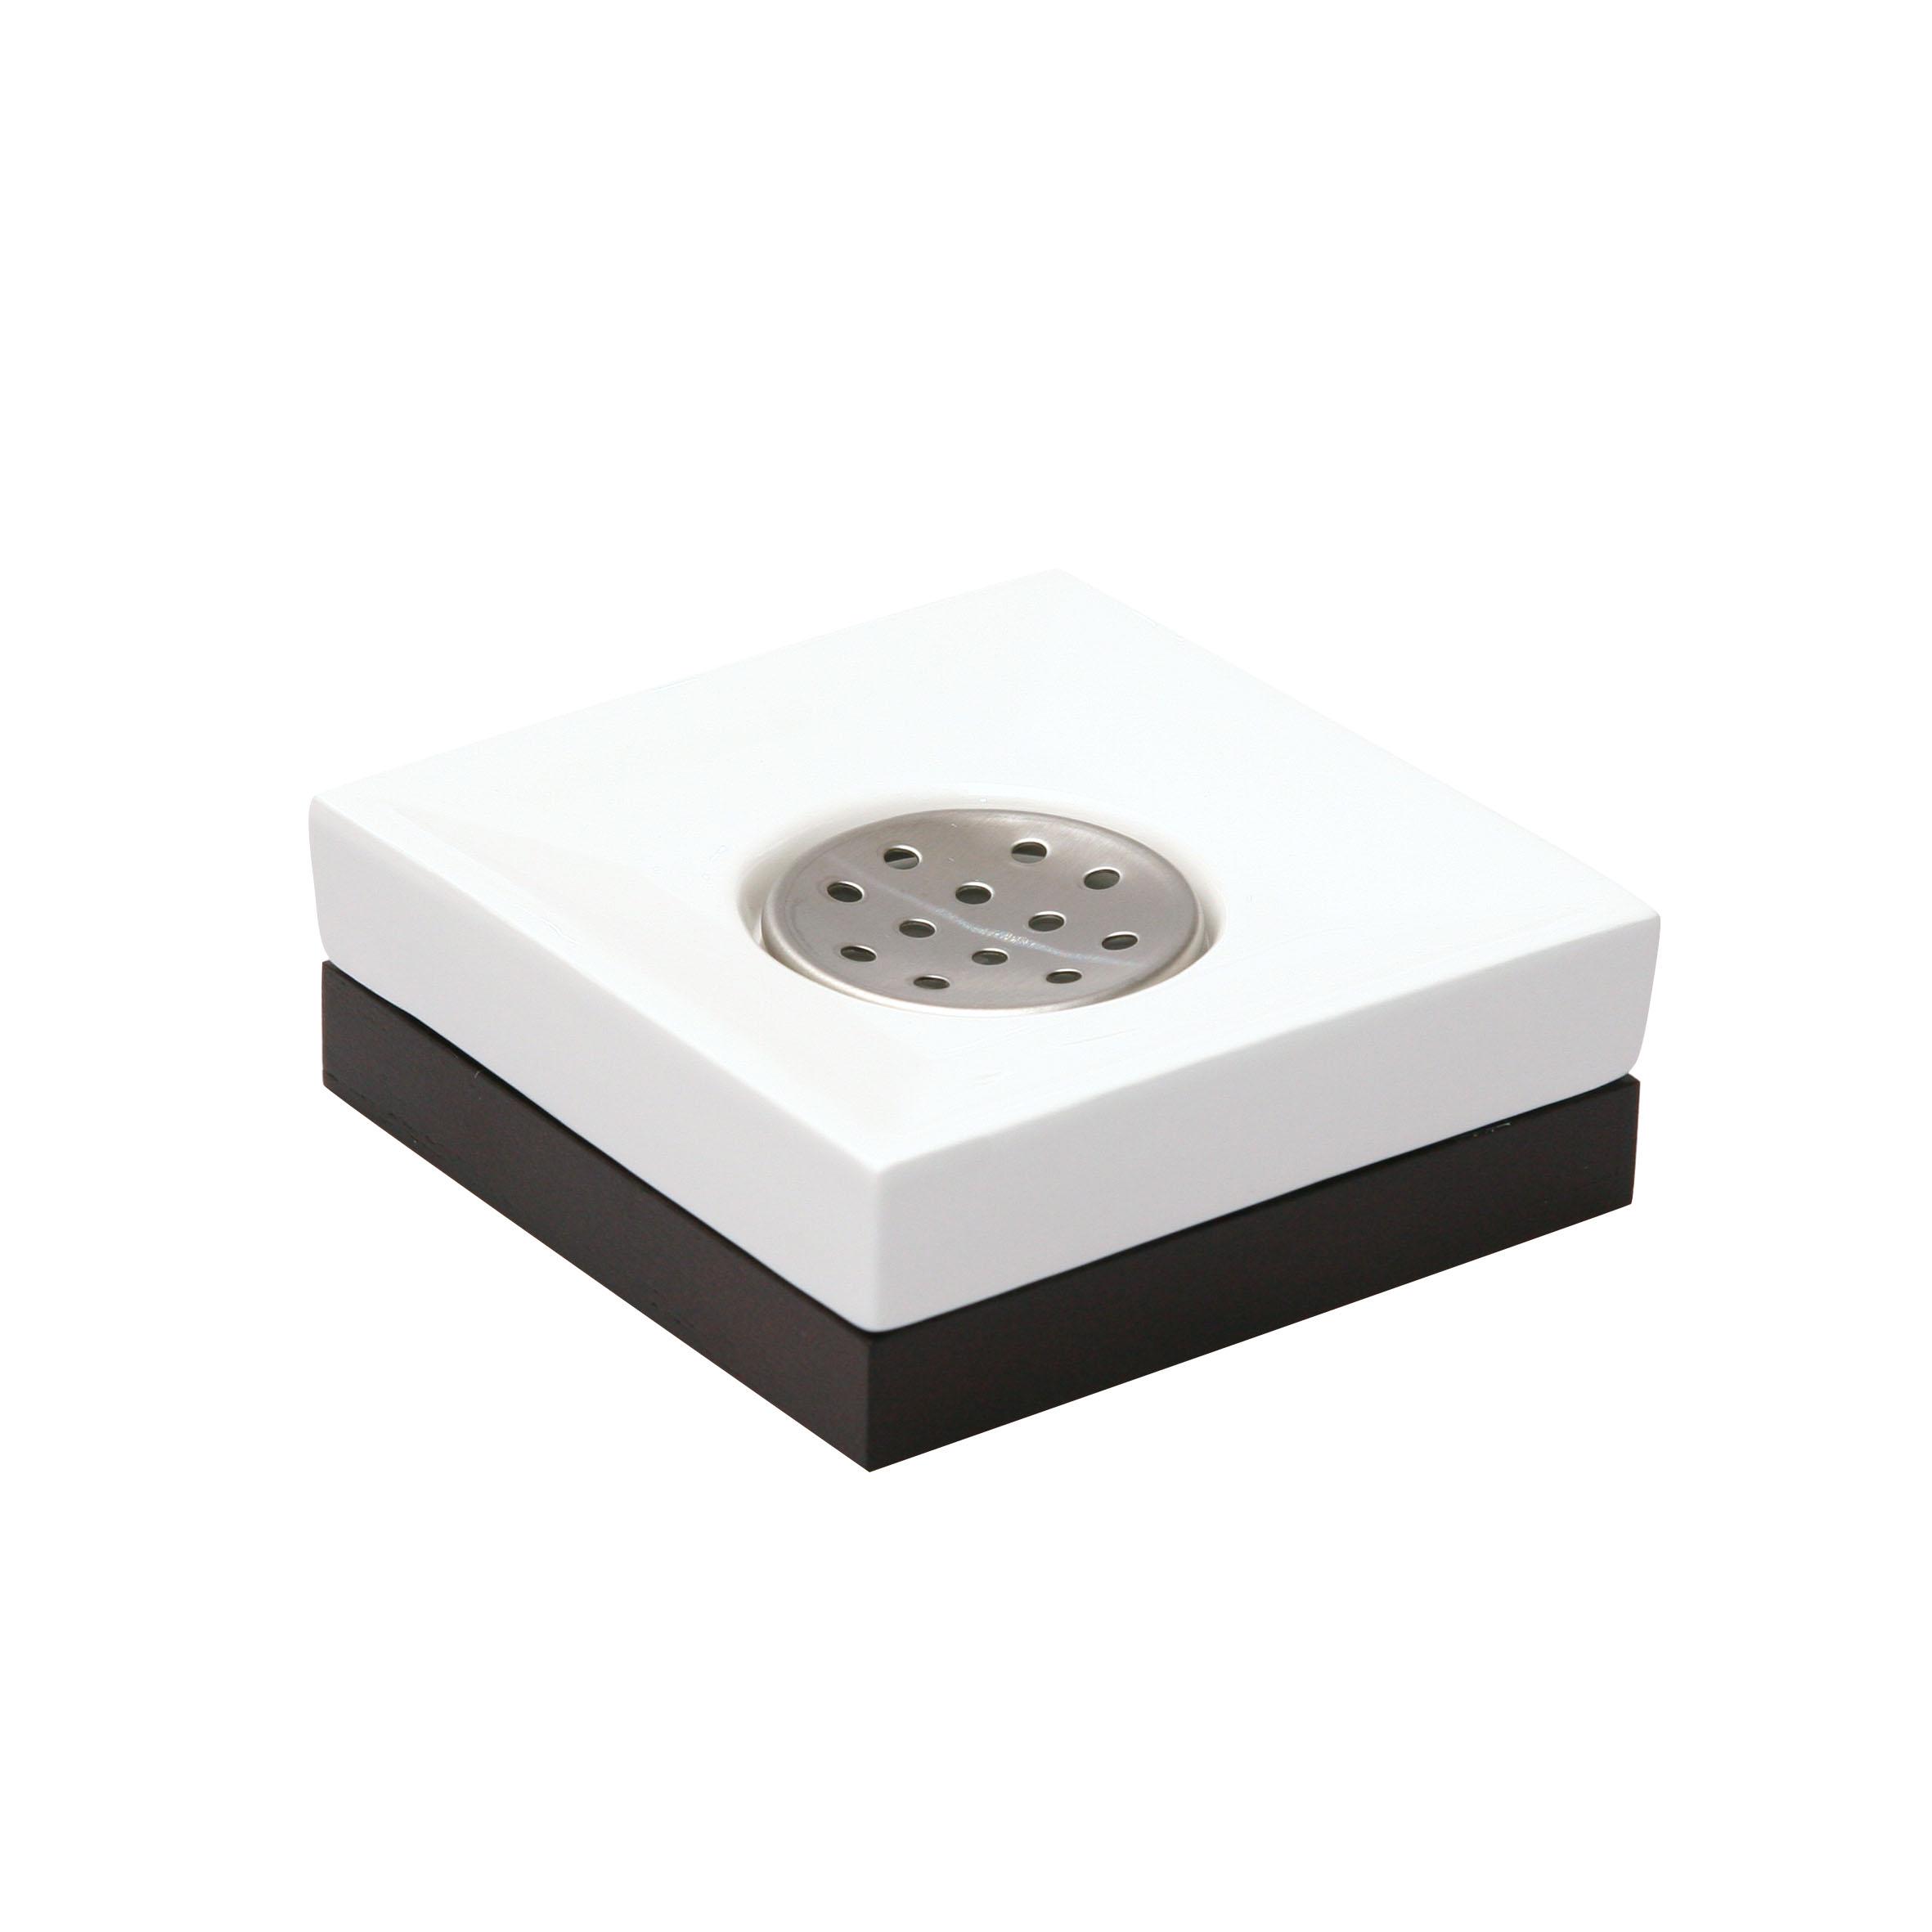 Мыльница Axentia Ginella, 11 х 11 х 4 см68/5/3Квадратная мыльница Axentia Ginella изготовлена из керамики с элементами дерева и нержавеющей стали. Имеет благородный внешний вид, способный подчеркнуть статус хозяйки дома.Размер мыльниц: 11 х 11 х 4 см.